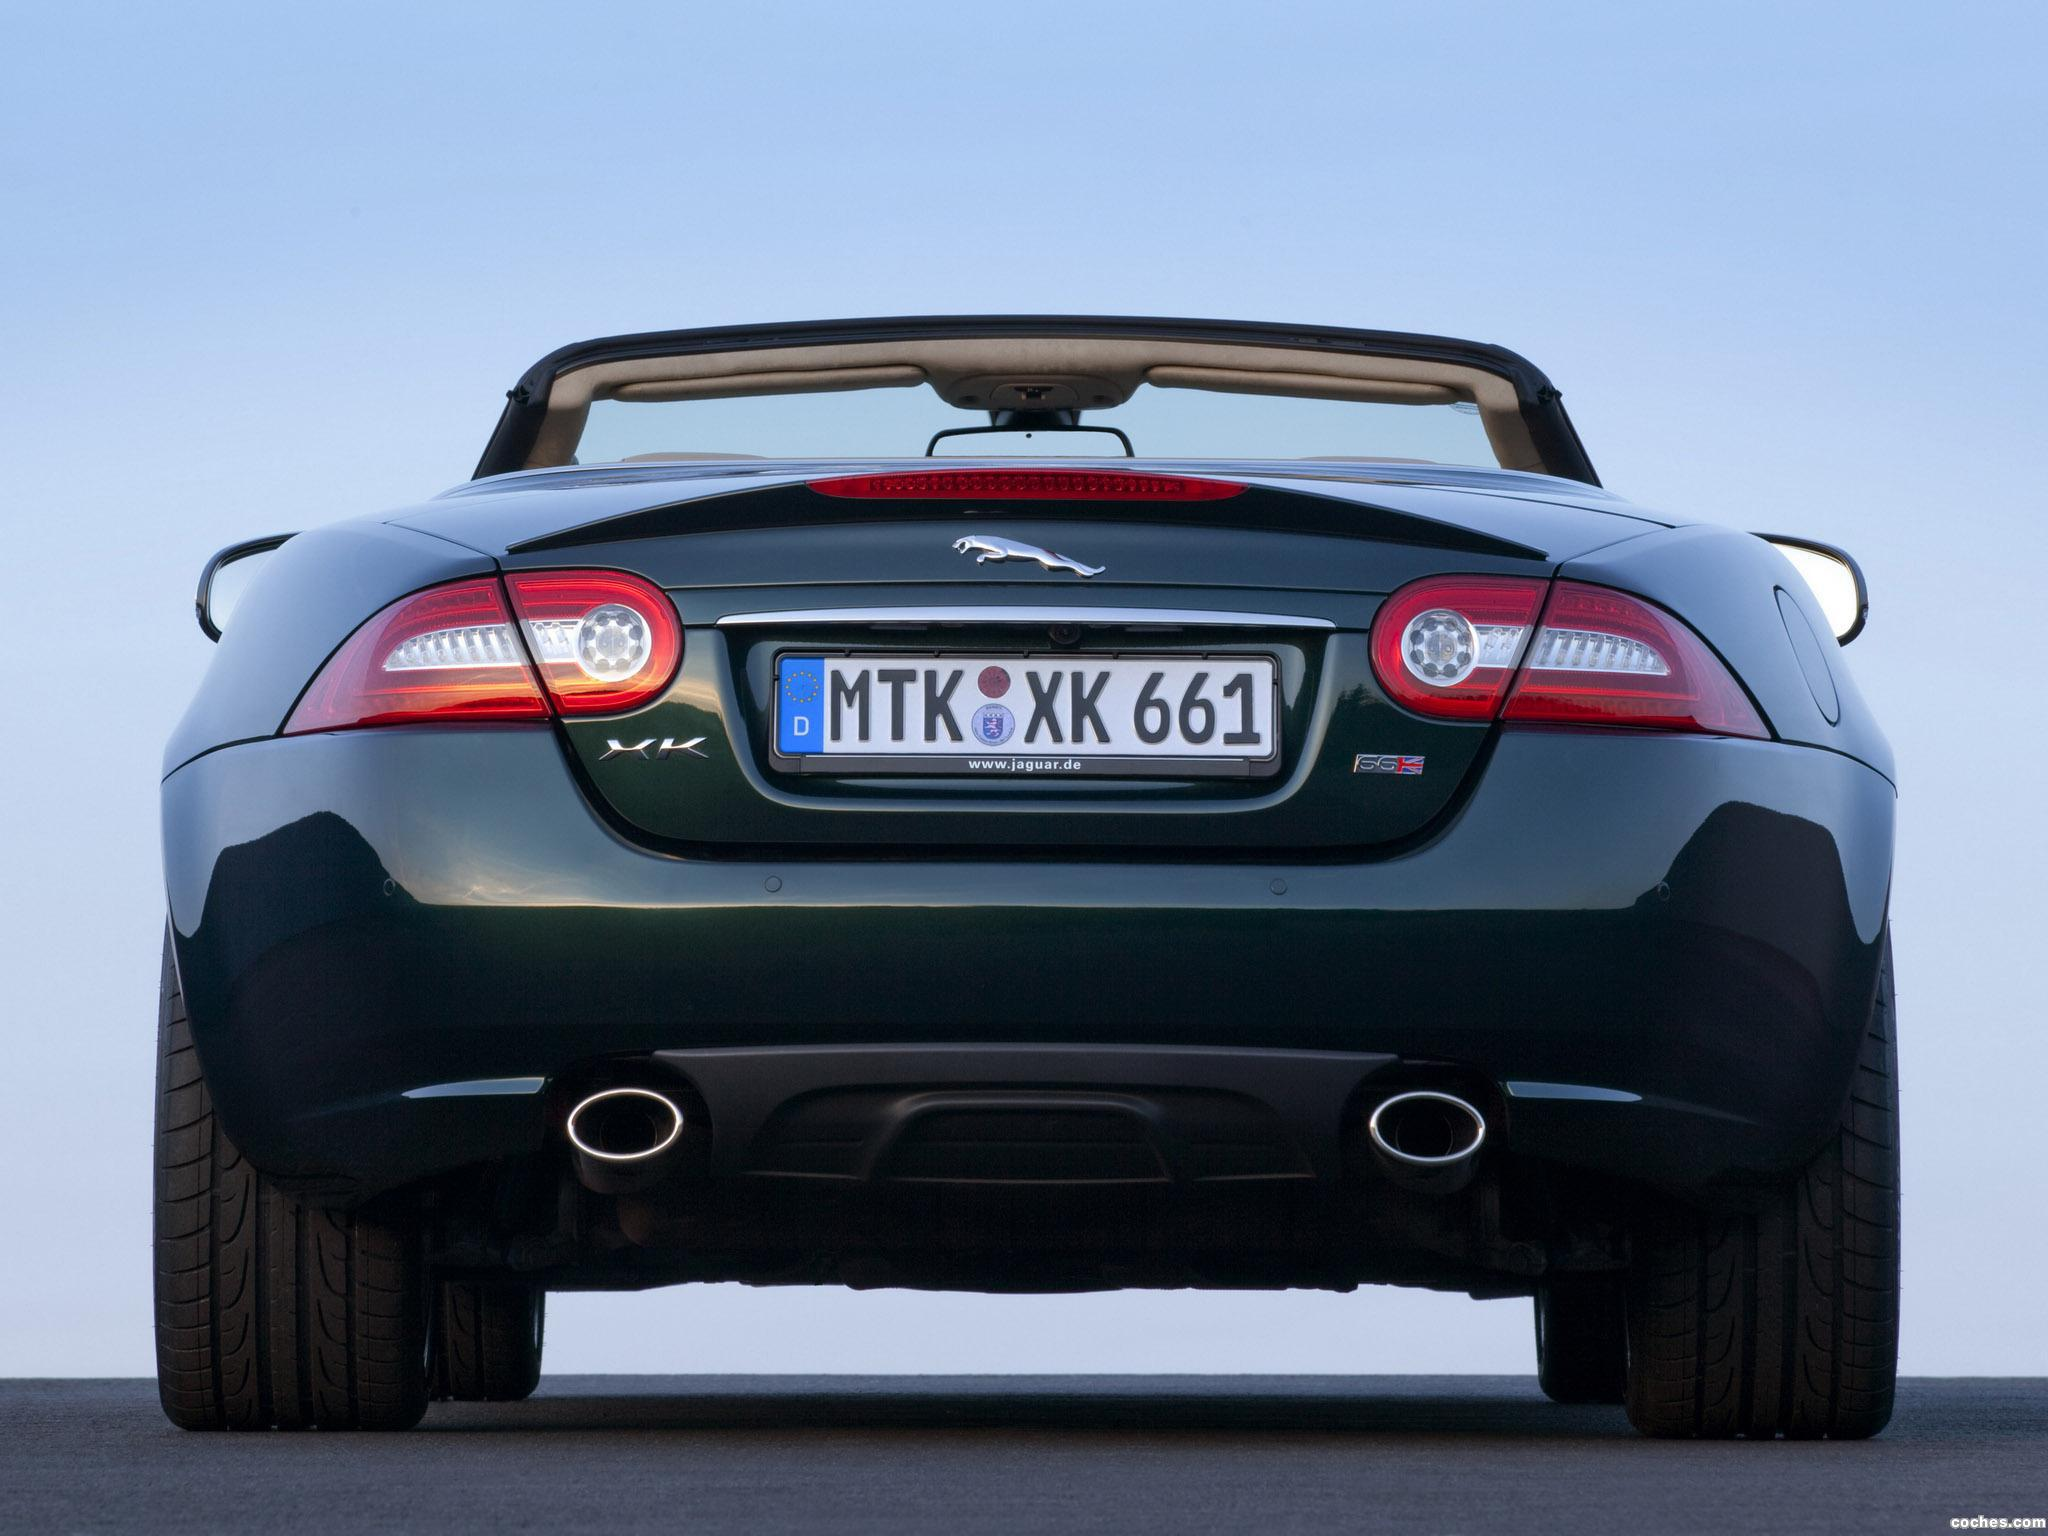 jaguar xk66 convertible 2014 - photo #31